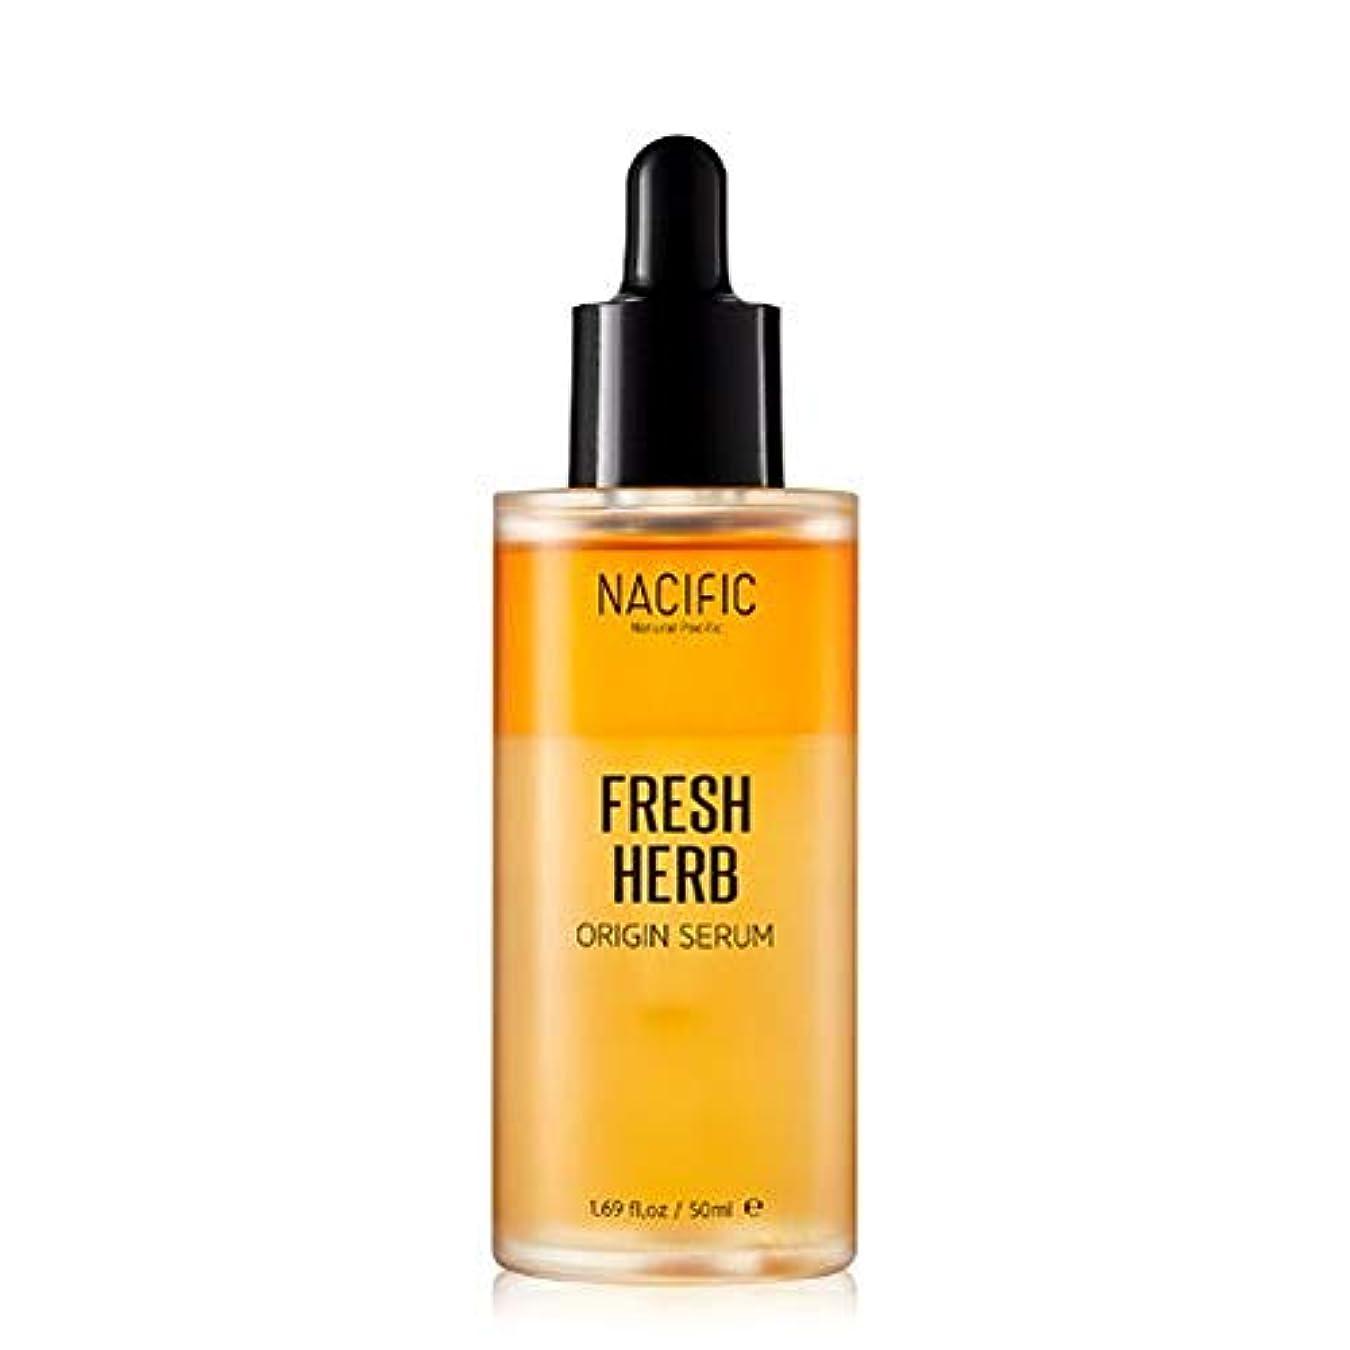 定常傾いたディプロマ[NACIFIC/ナシフィック] Fresh Herb Origin Serum 50ml/フレッシュ ハーブ オリジン セラム 50ml ヨックセラム 韓国コスメ 韓国 [並行輸入品]